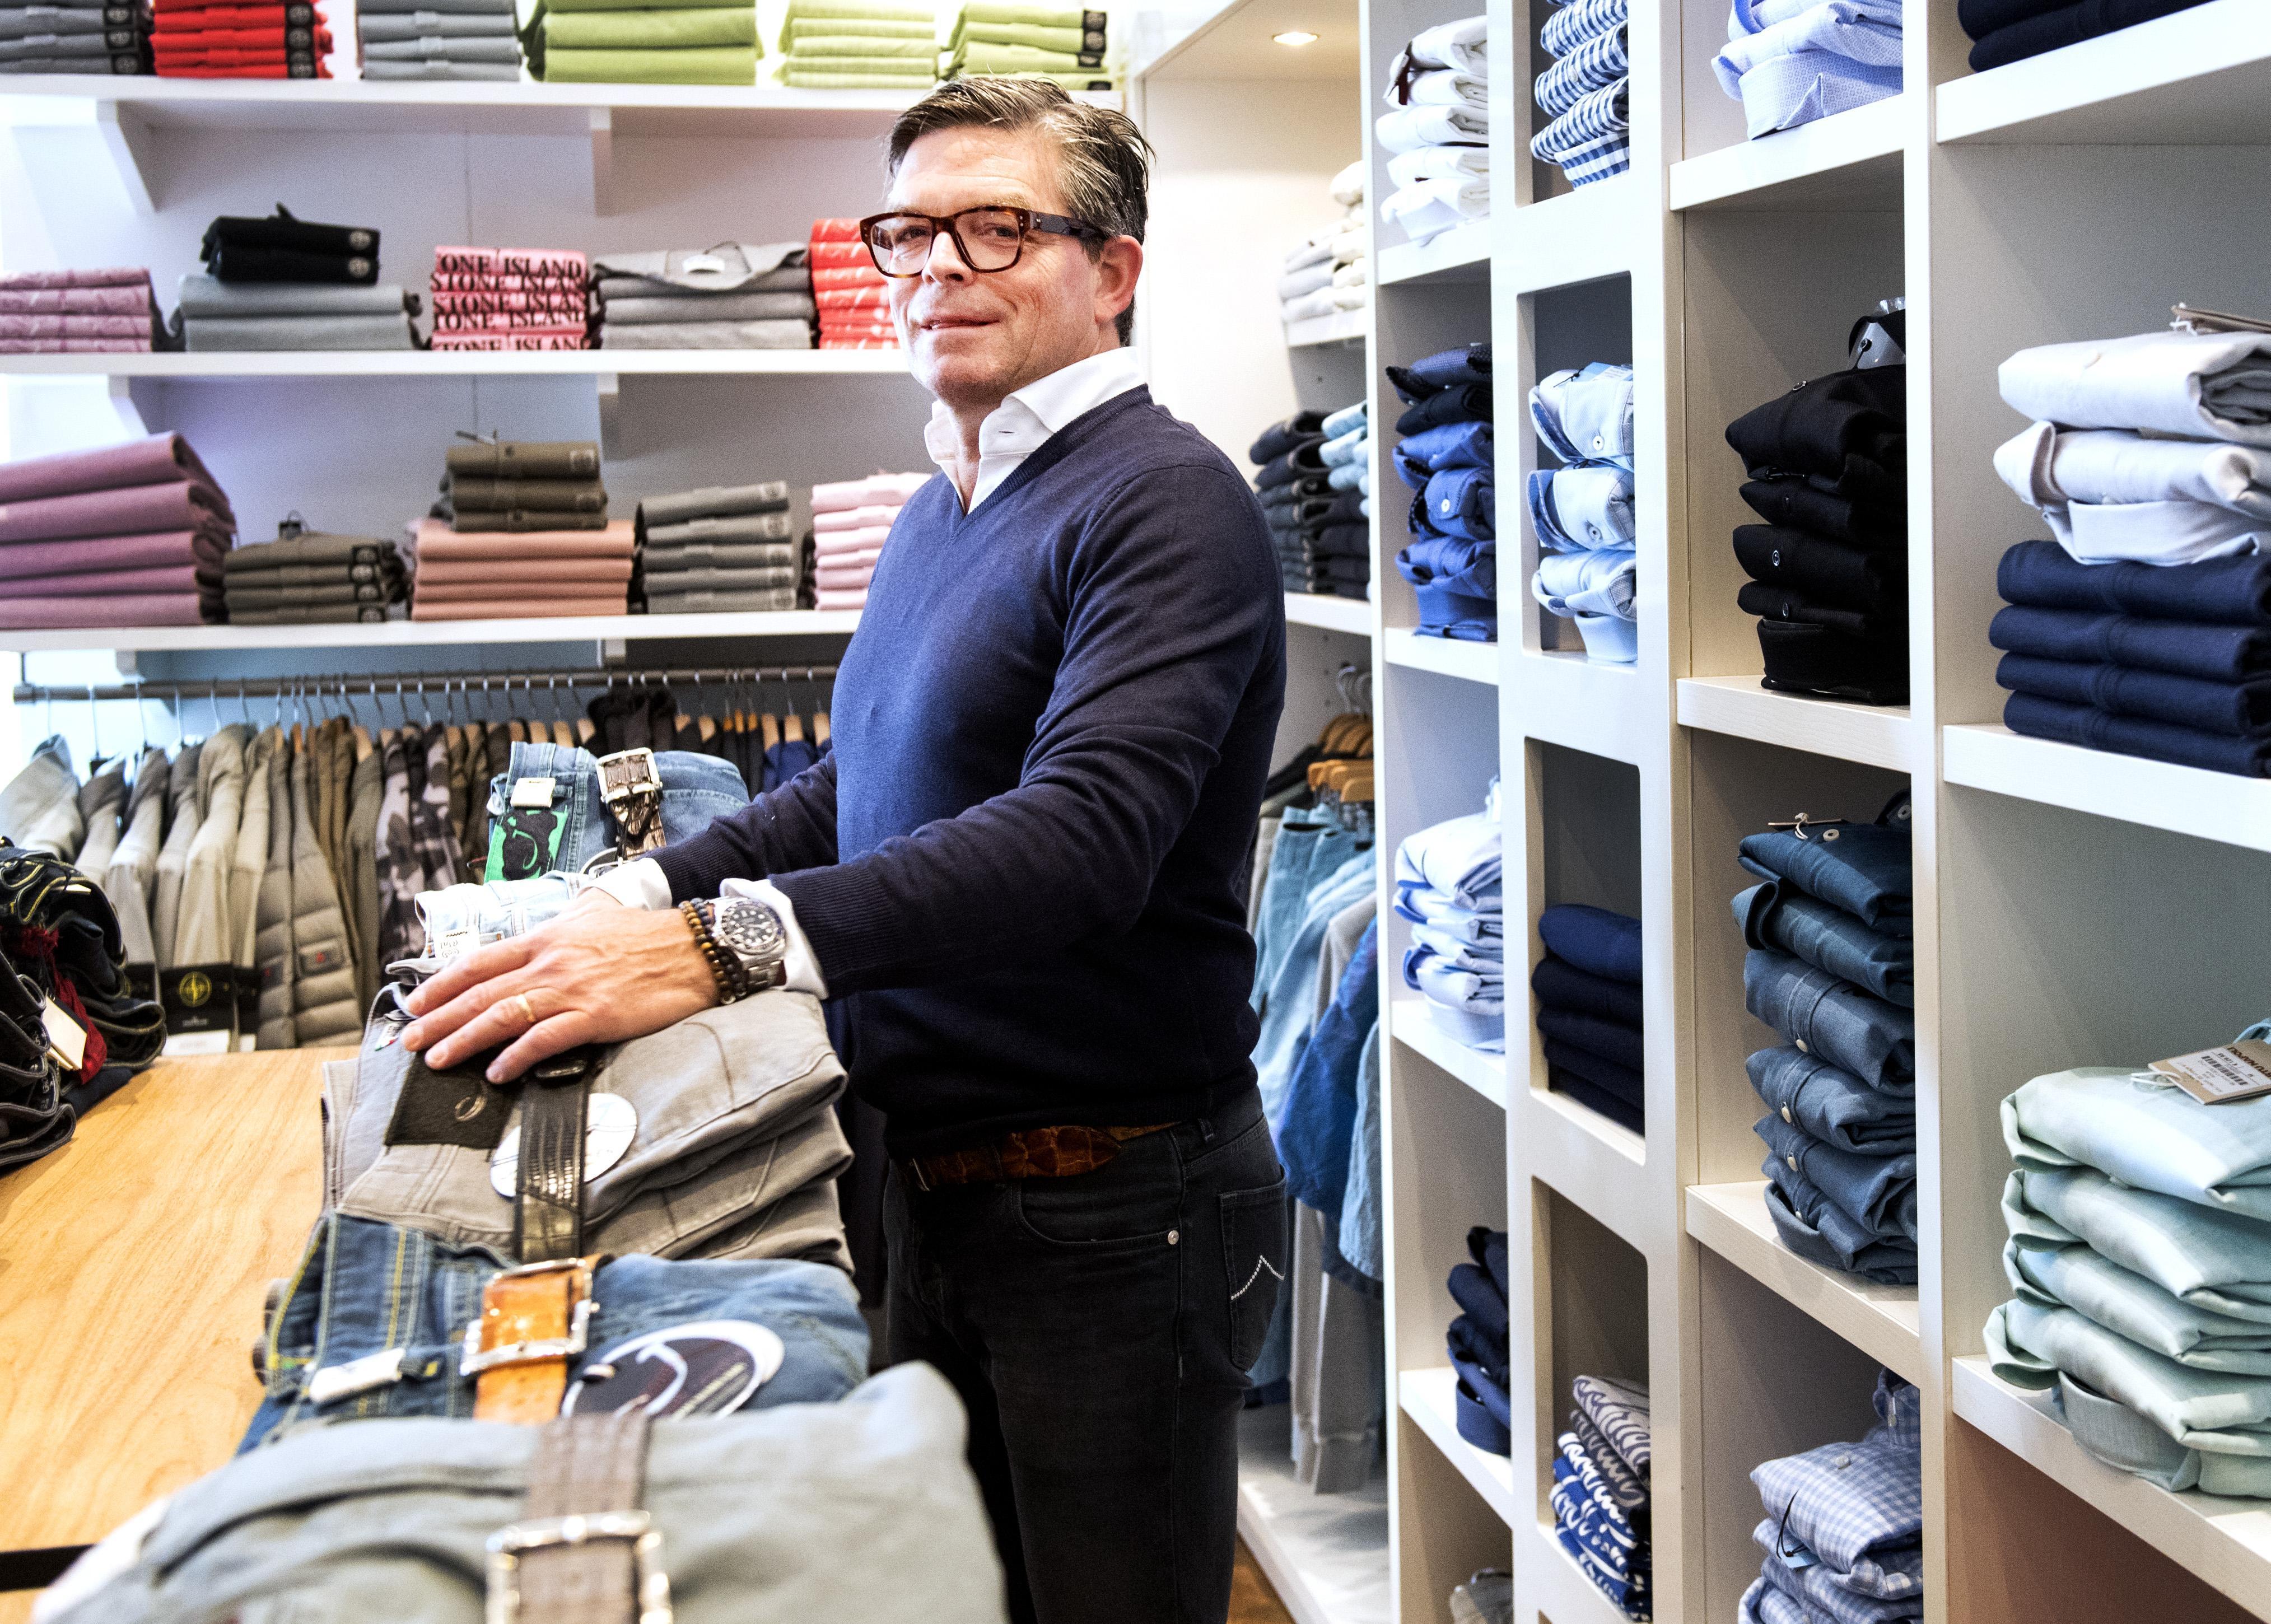 Haarlemse modezaak La Boule: 'Doe maar gewoon, dan doe je gek genoeg'